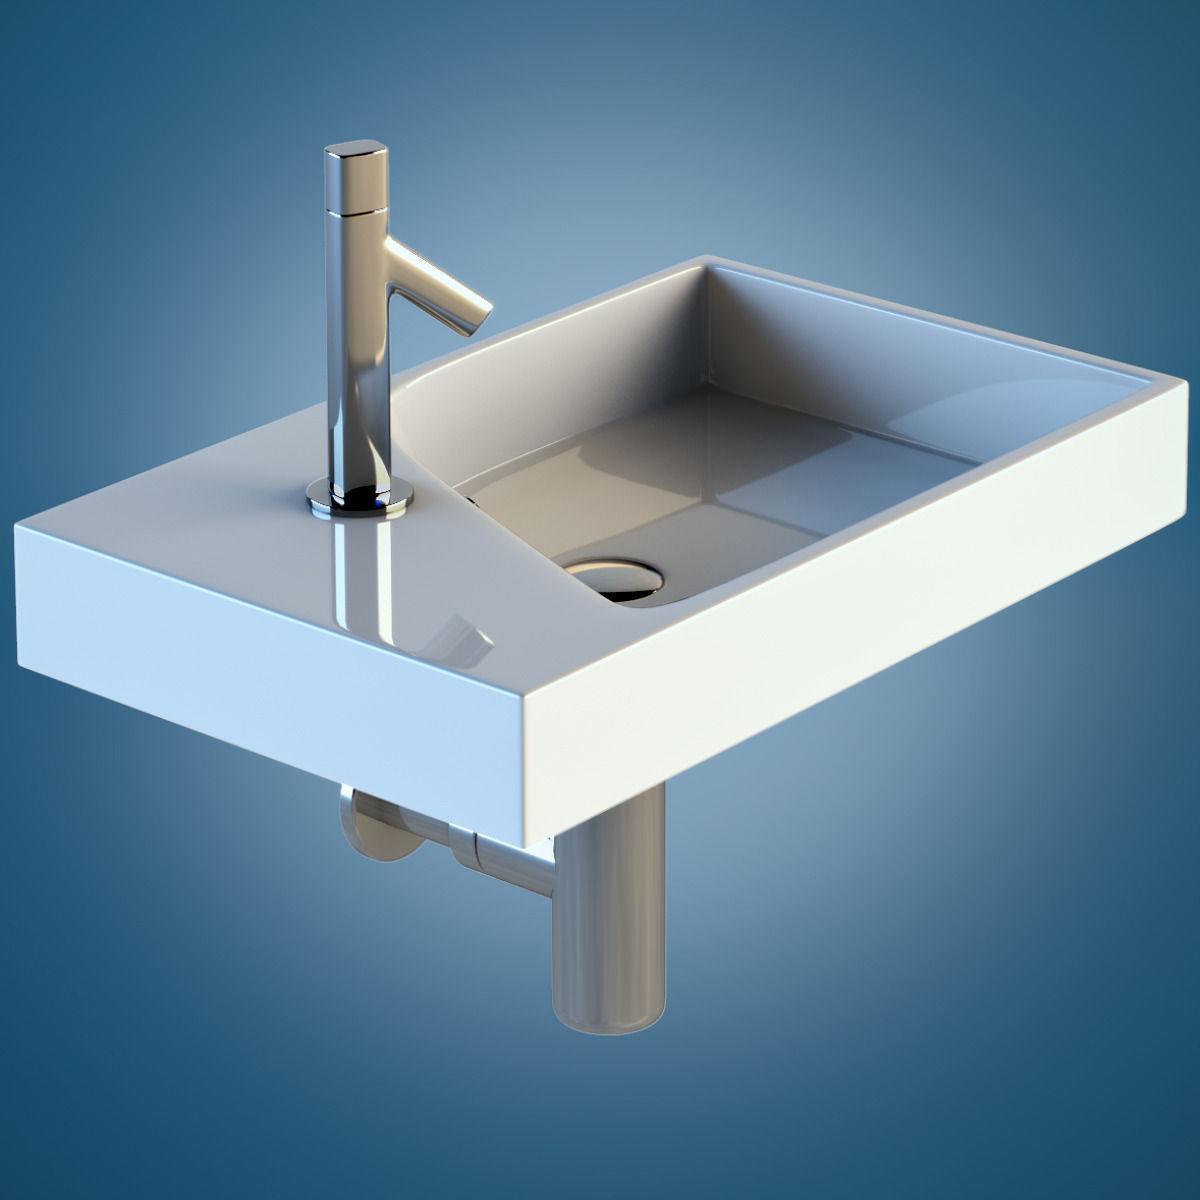 jacob delafon formilia rythmik 3d model max. Black Bedroom Furniture Sets. Home Design Ideas